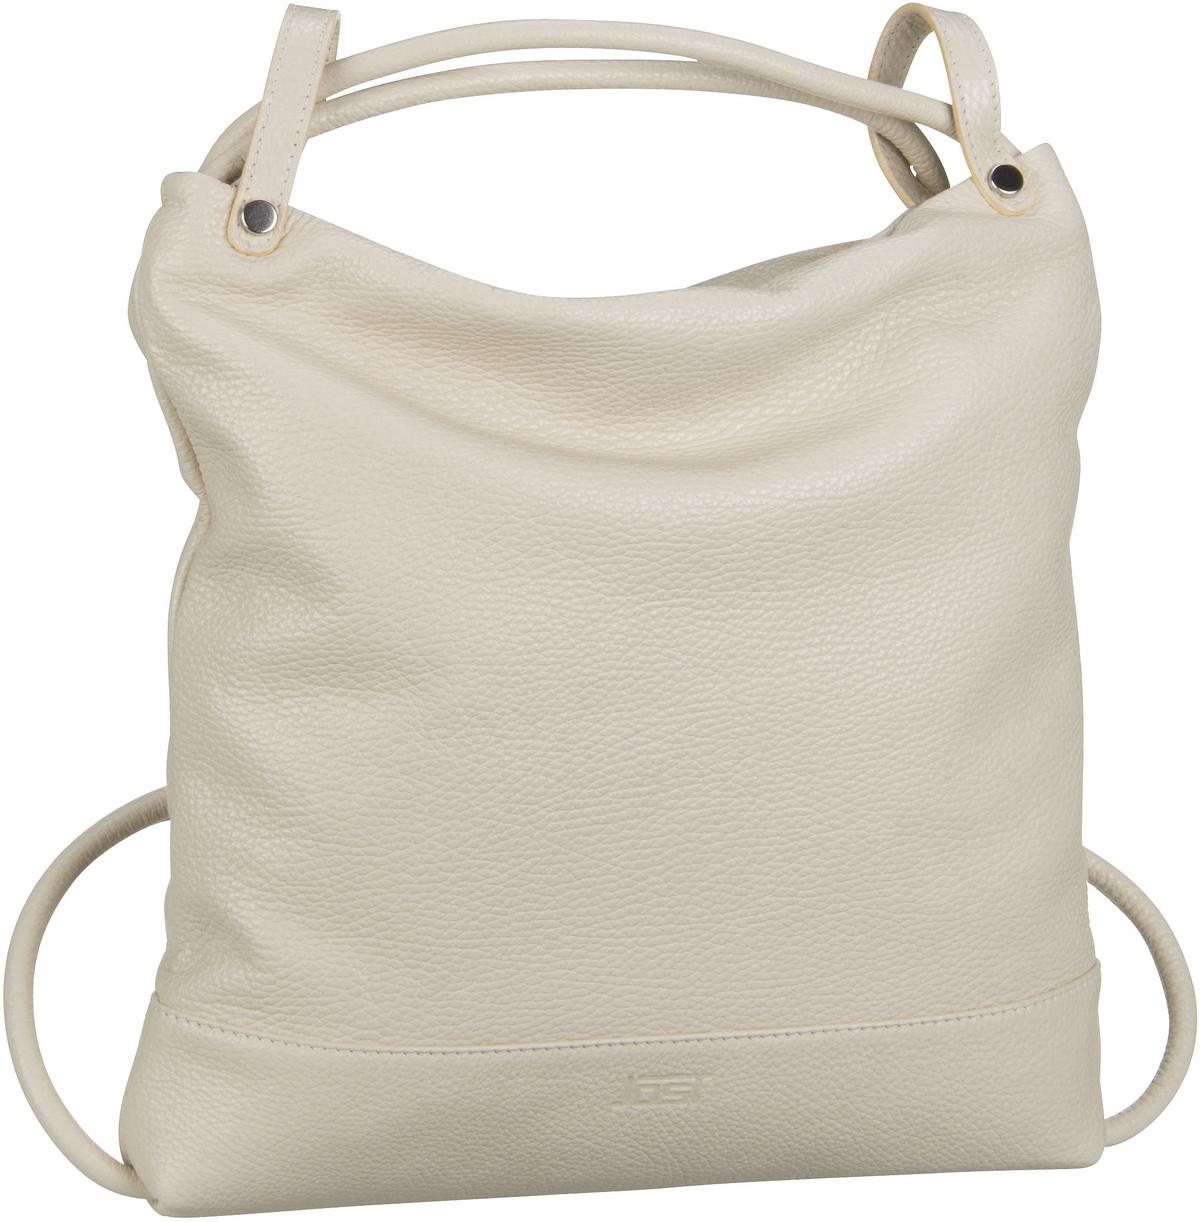 Rucksack / Daypack Vika 1831 Hobo Bag Backpack Offwhite